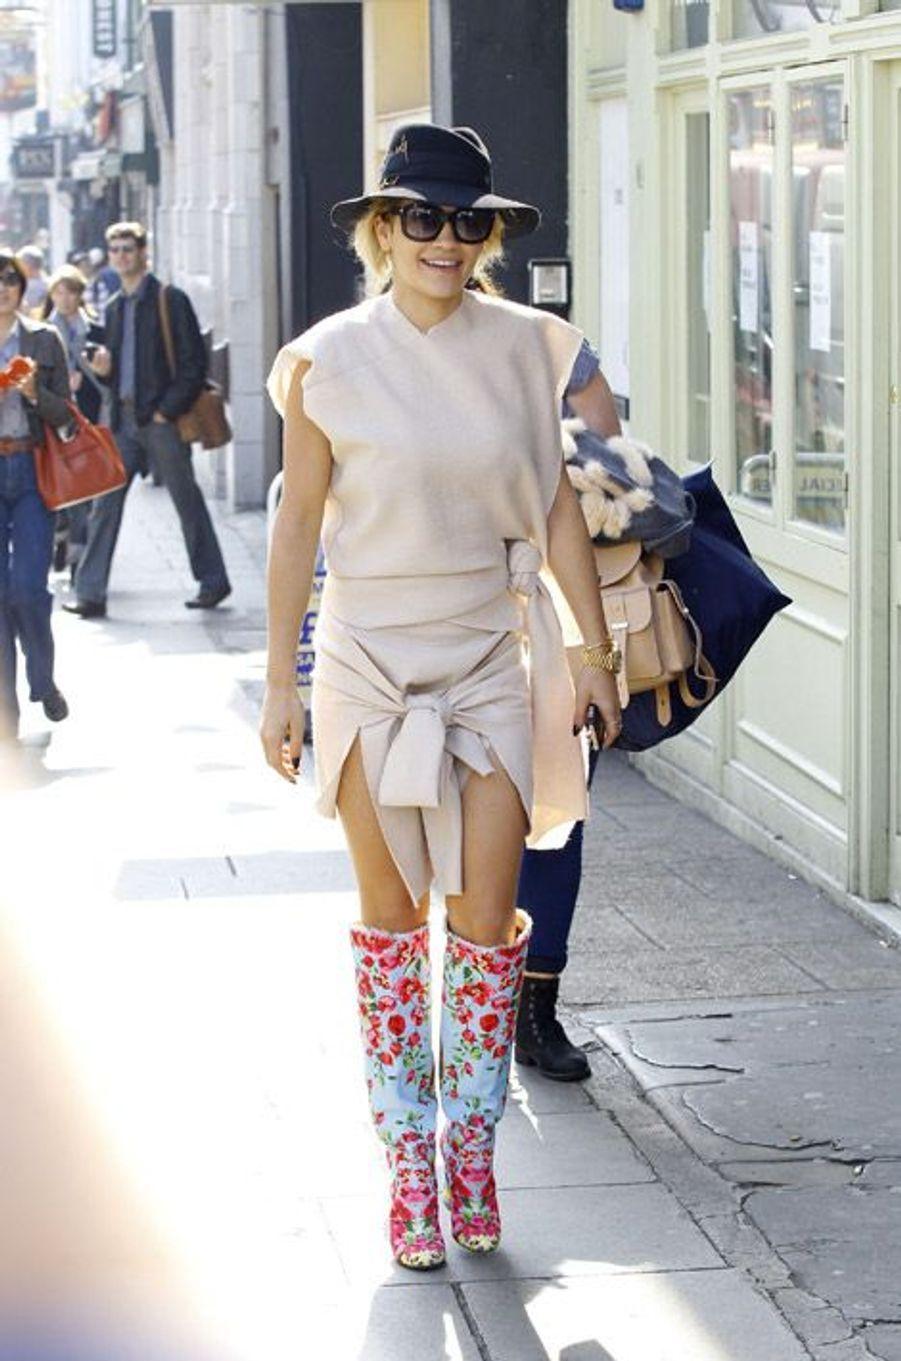 La chanteuse Rita Ora dans les rues de Londres, le 1er avril 2014